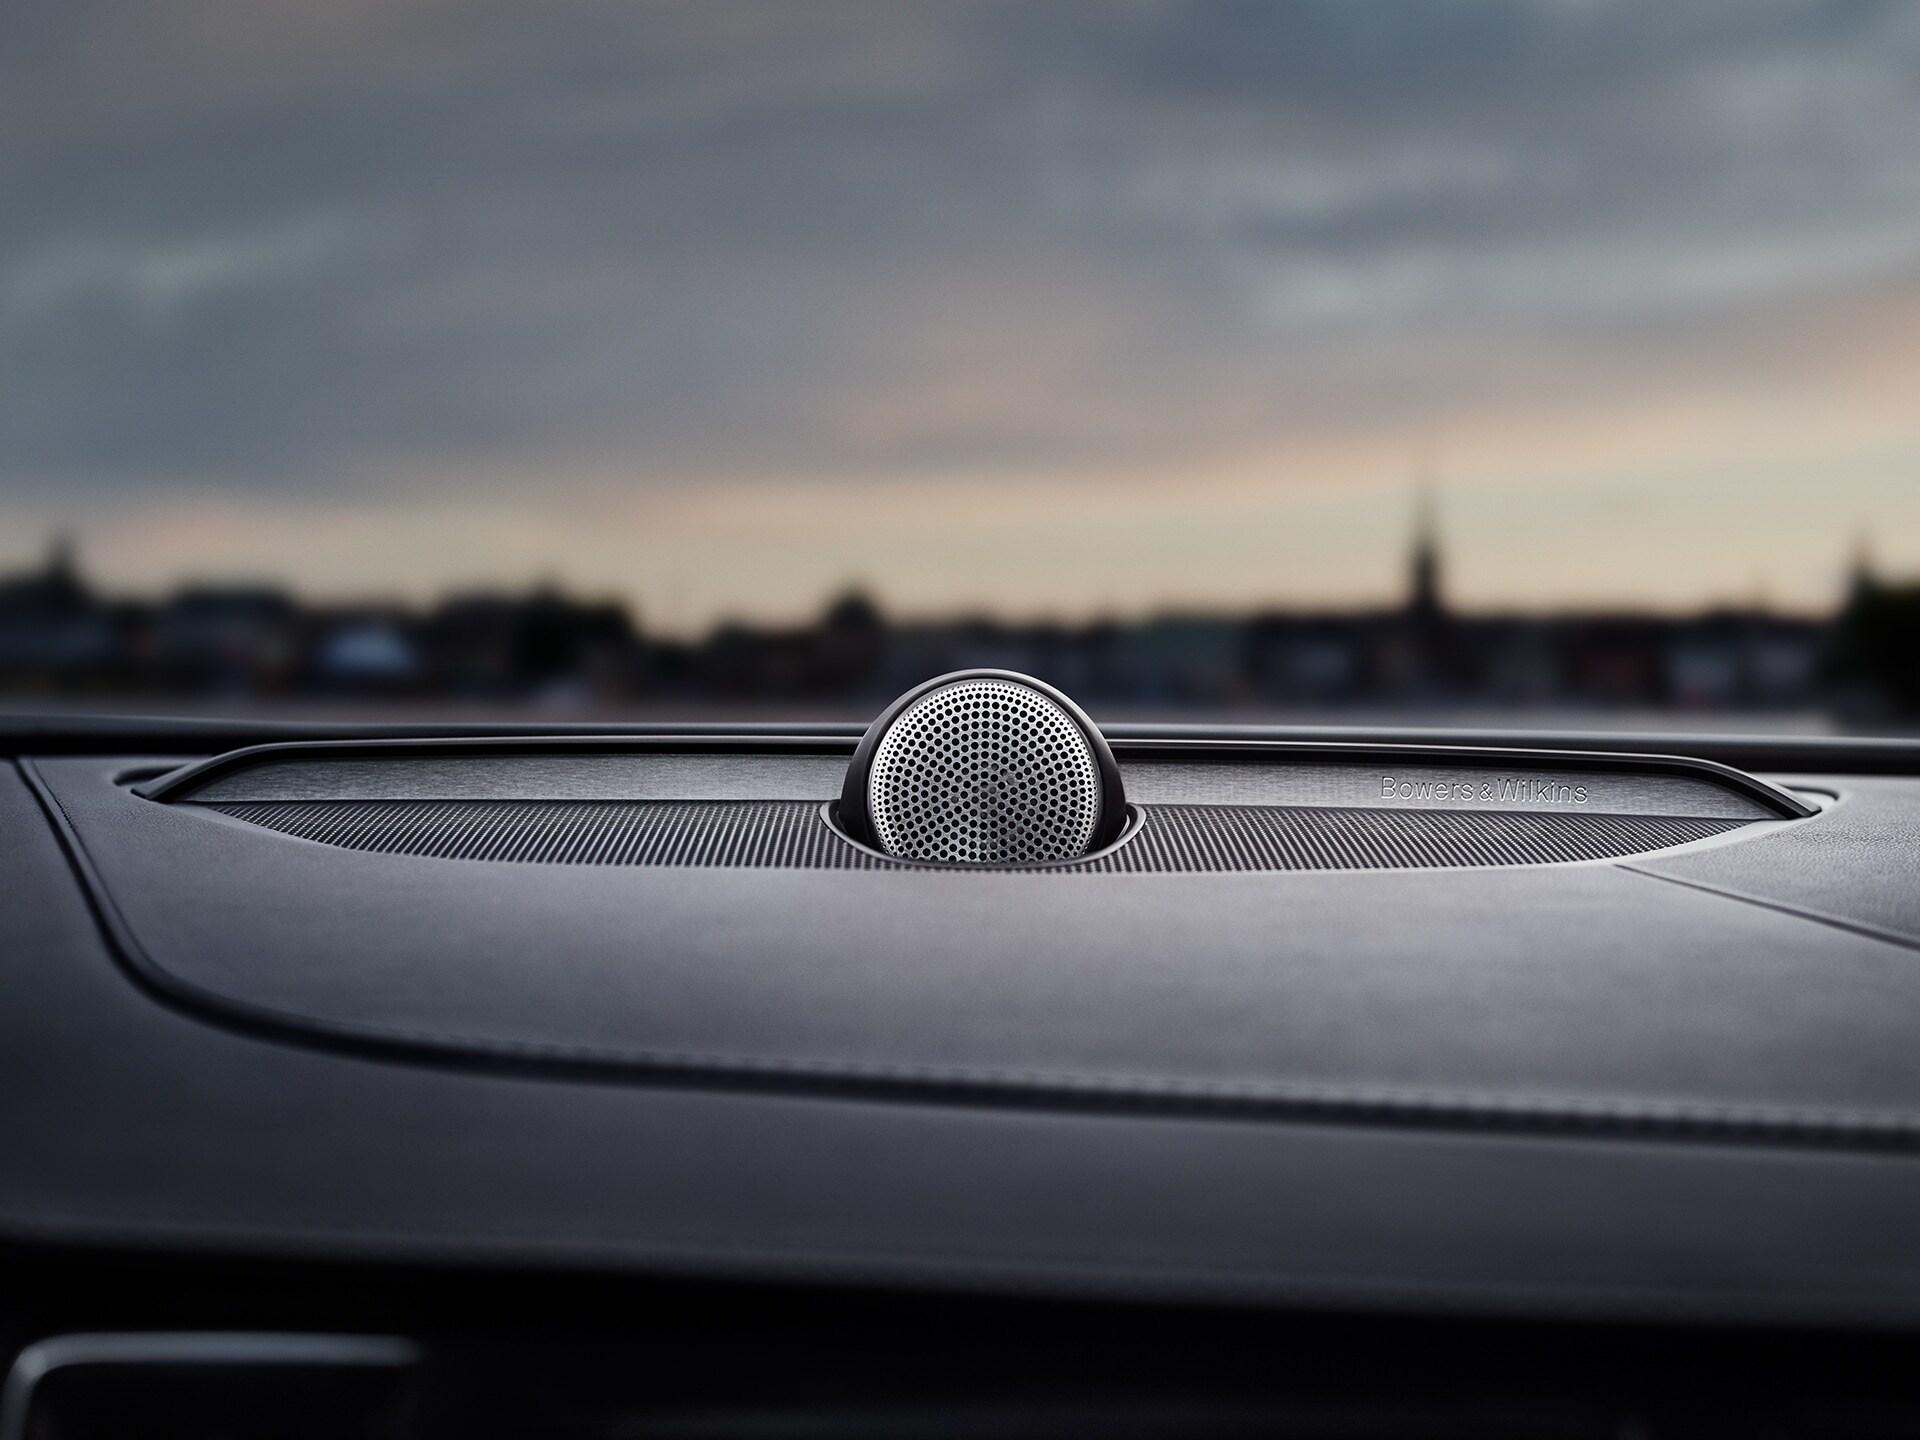 Sistema de audio Bowers & Wilkins dentro de un Volvo V90